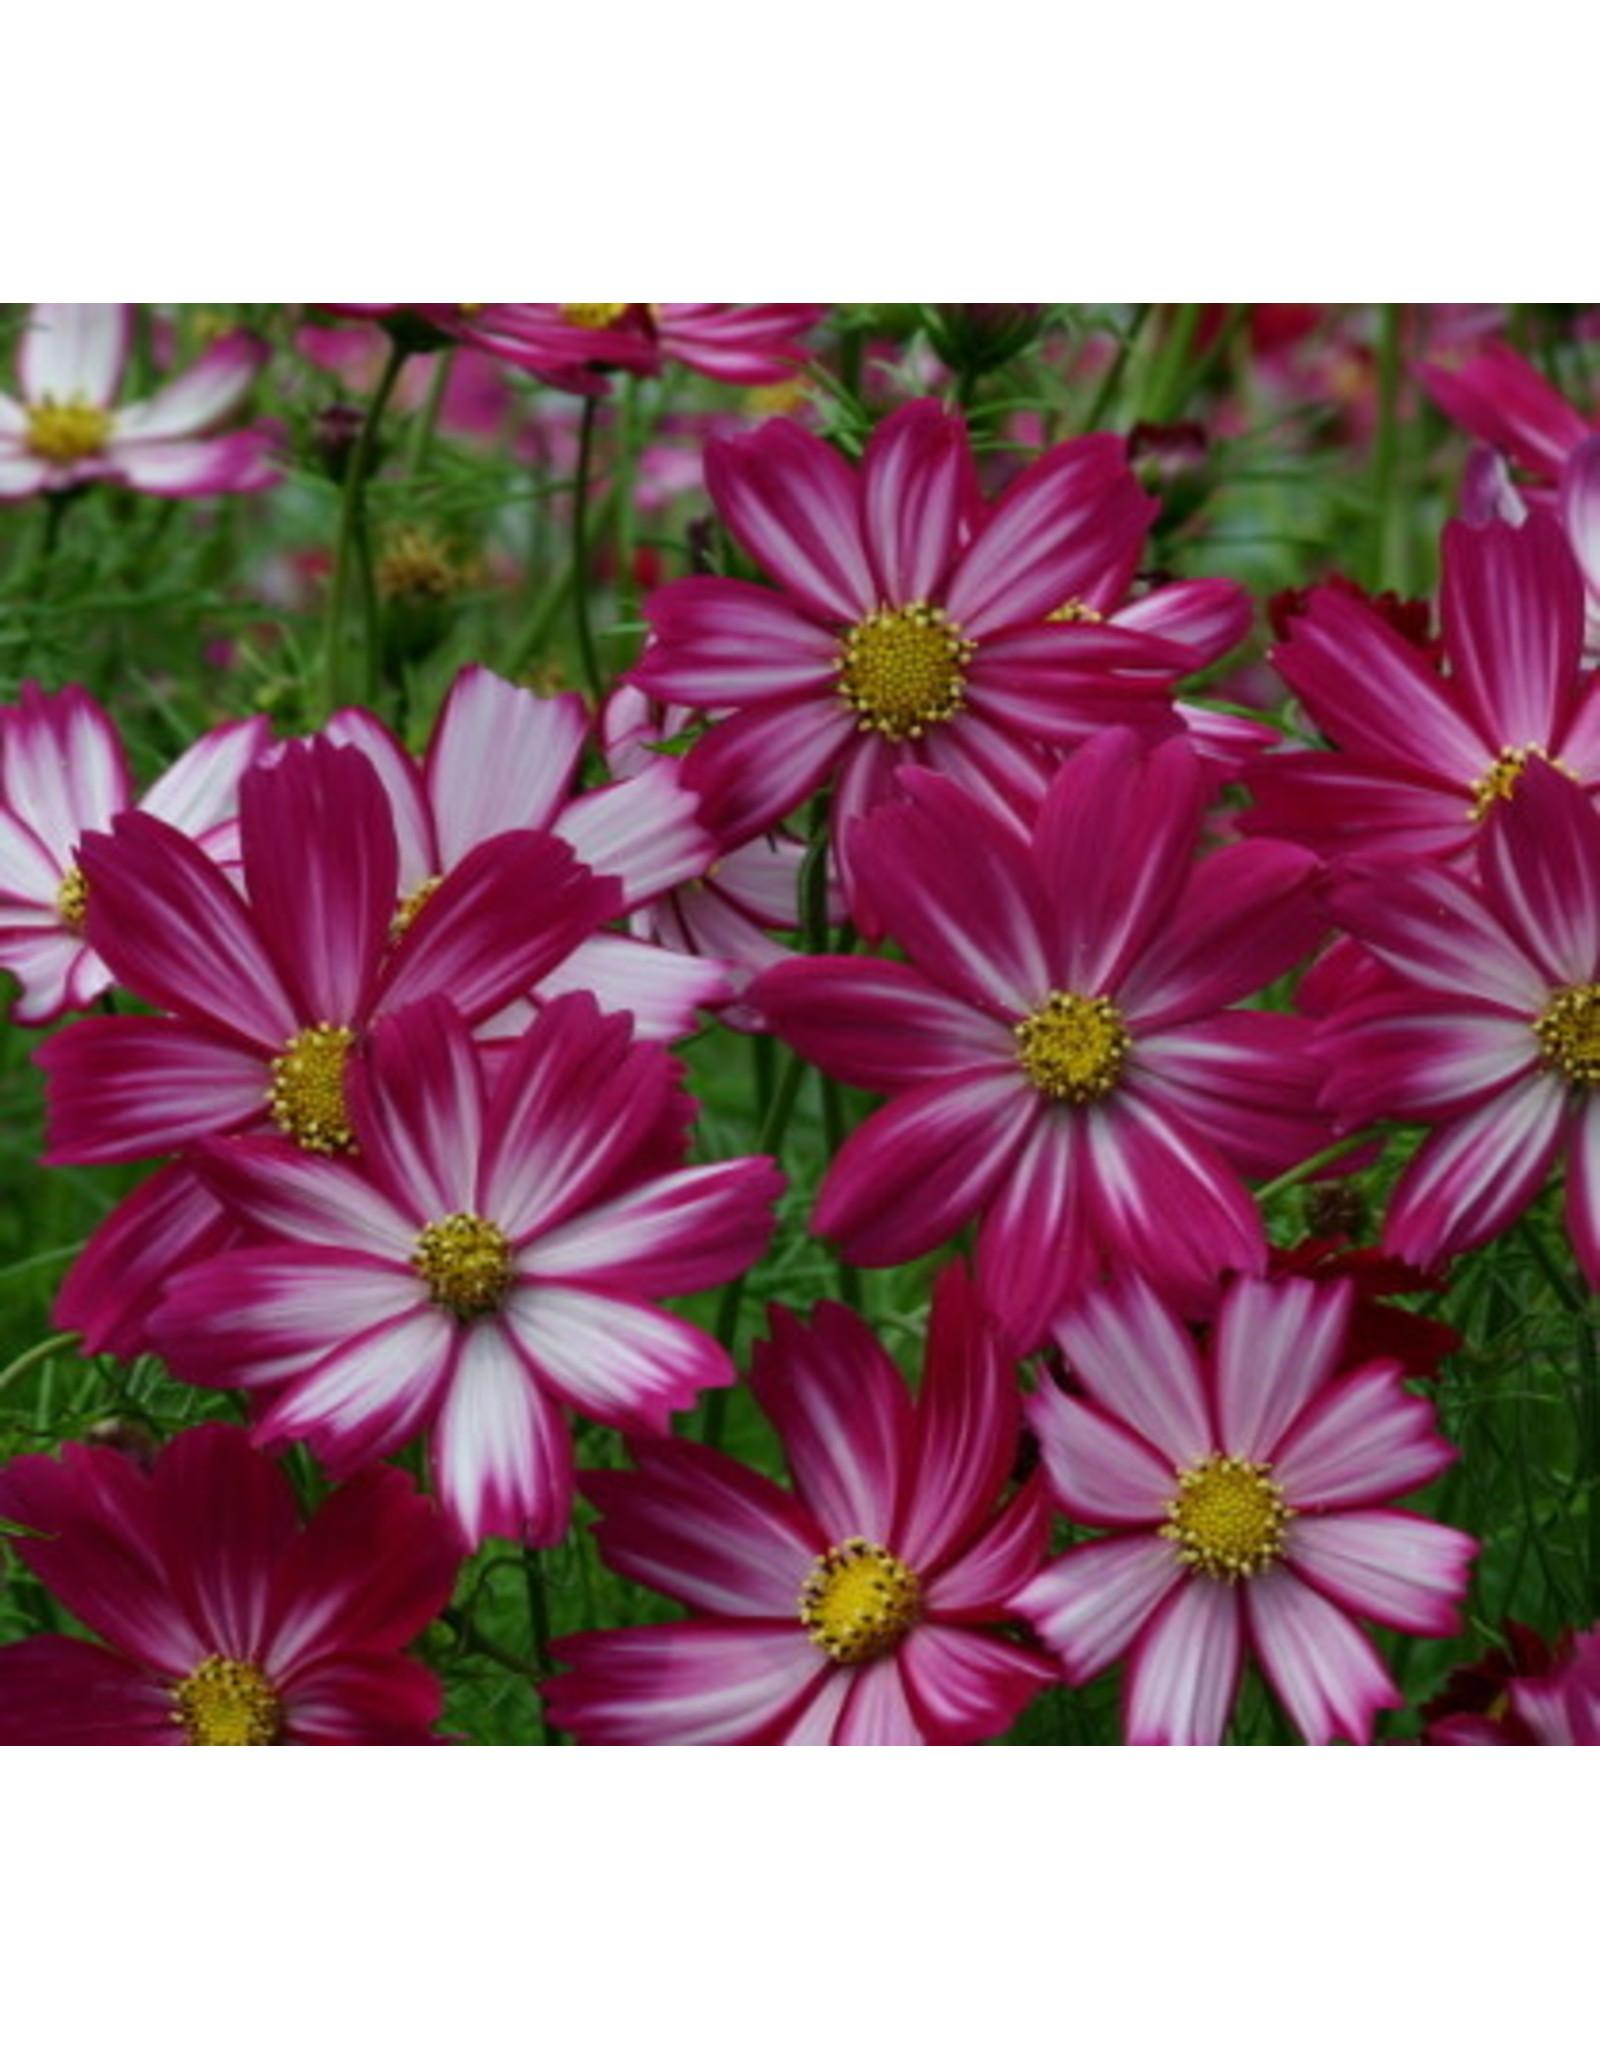 Cosimo Purple-Red-White Cosmos Seeds 5152